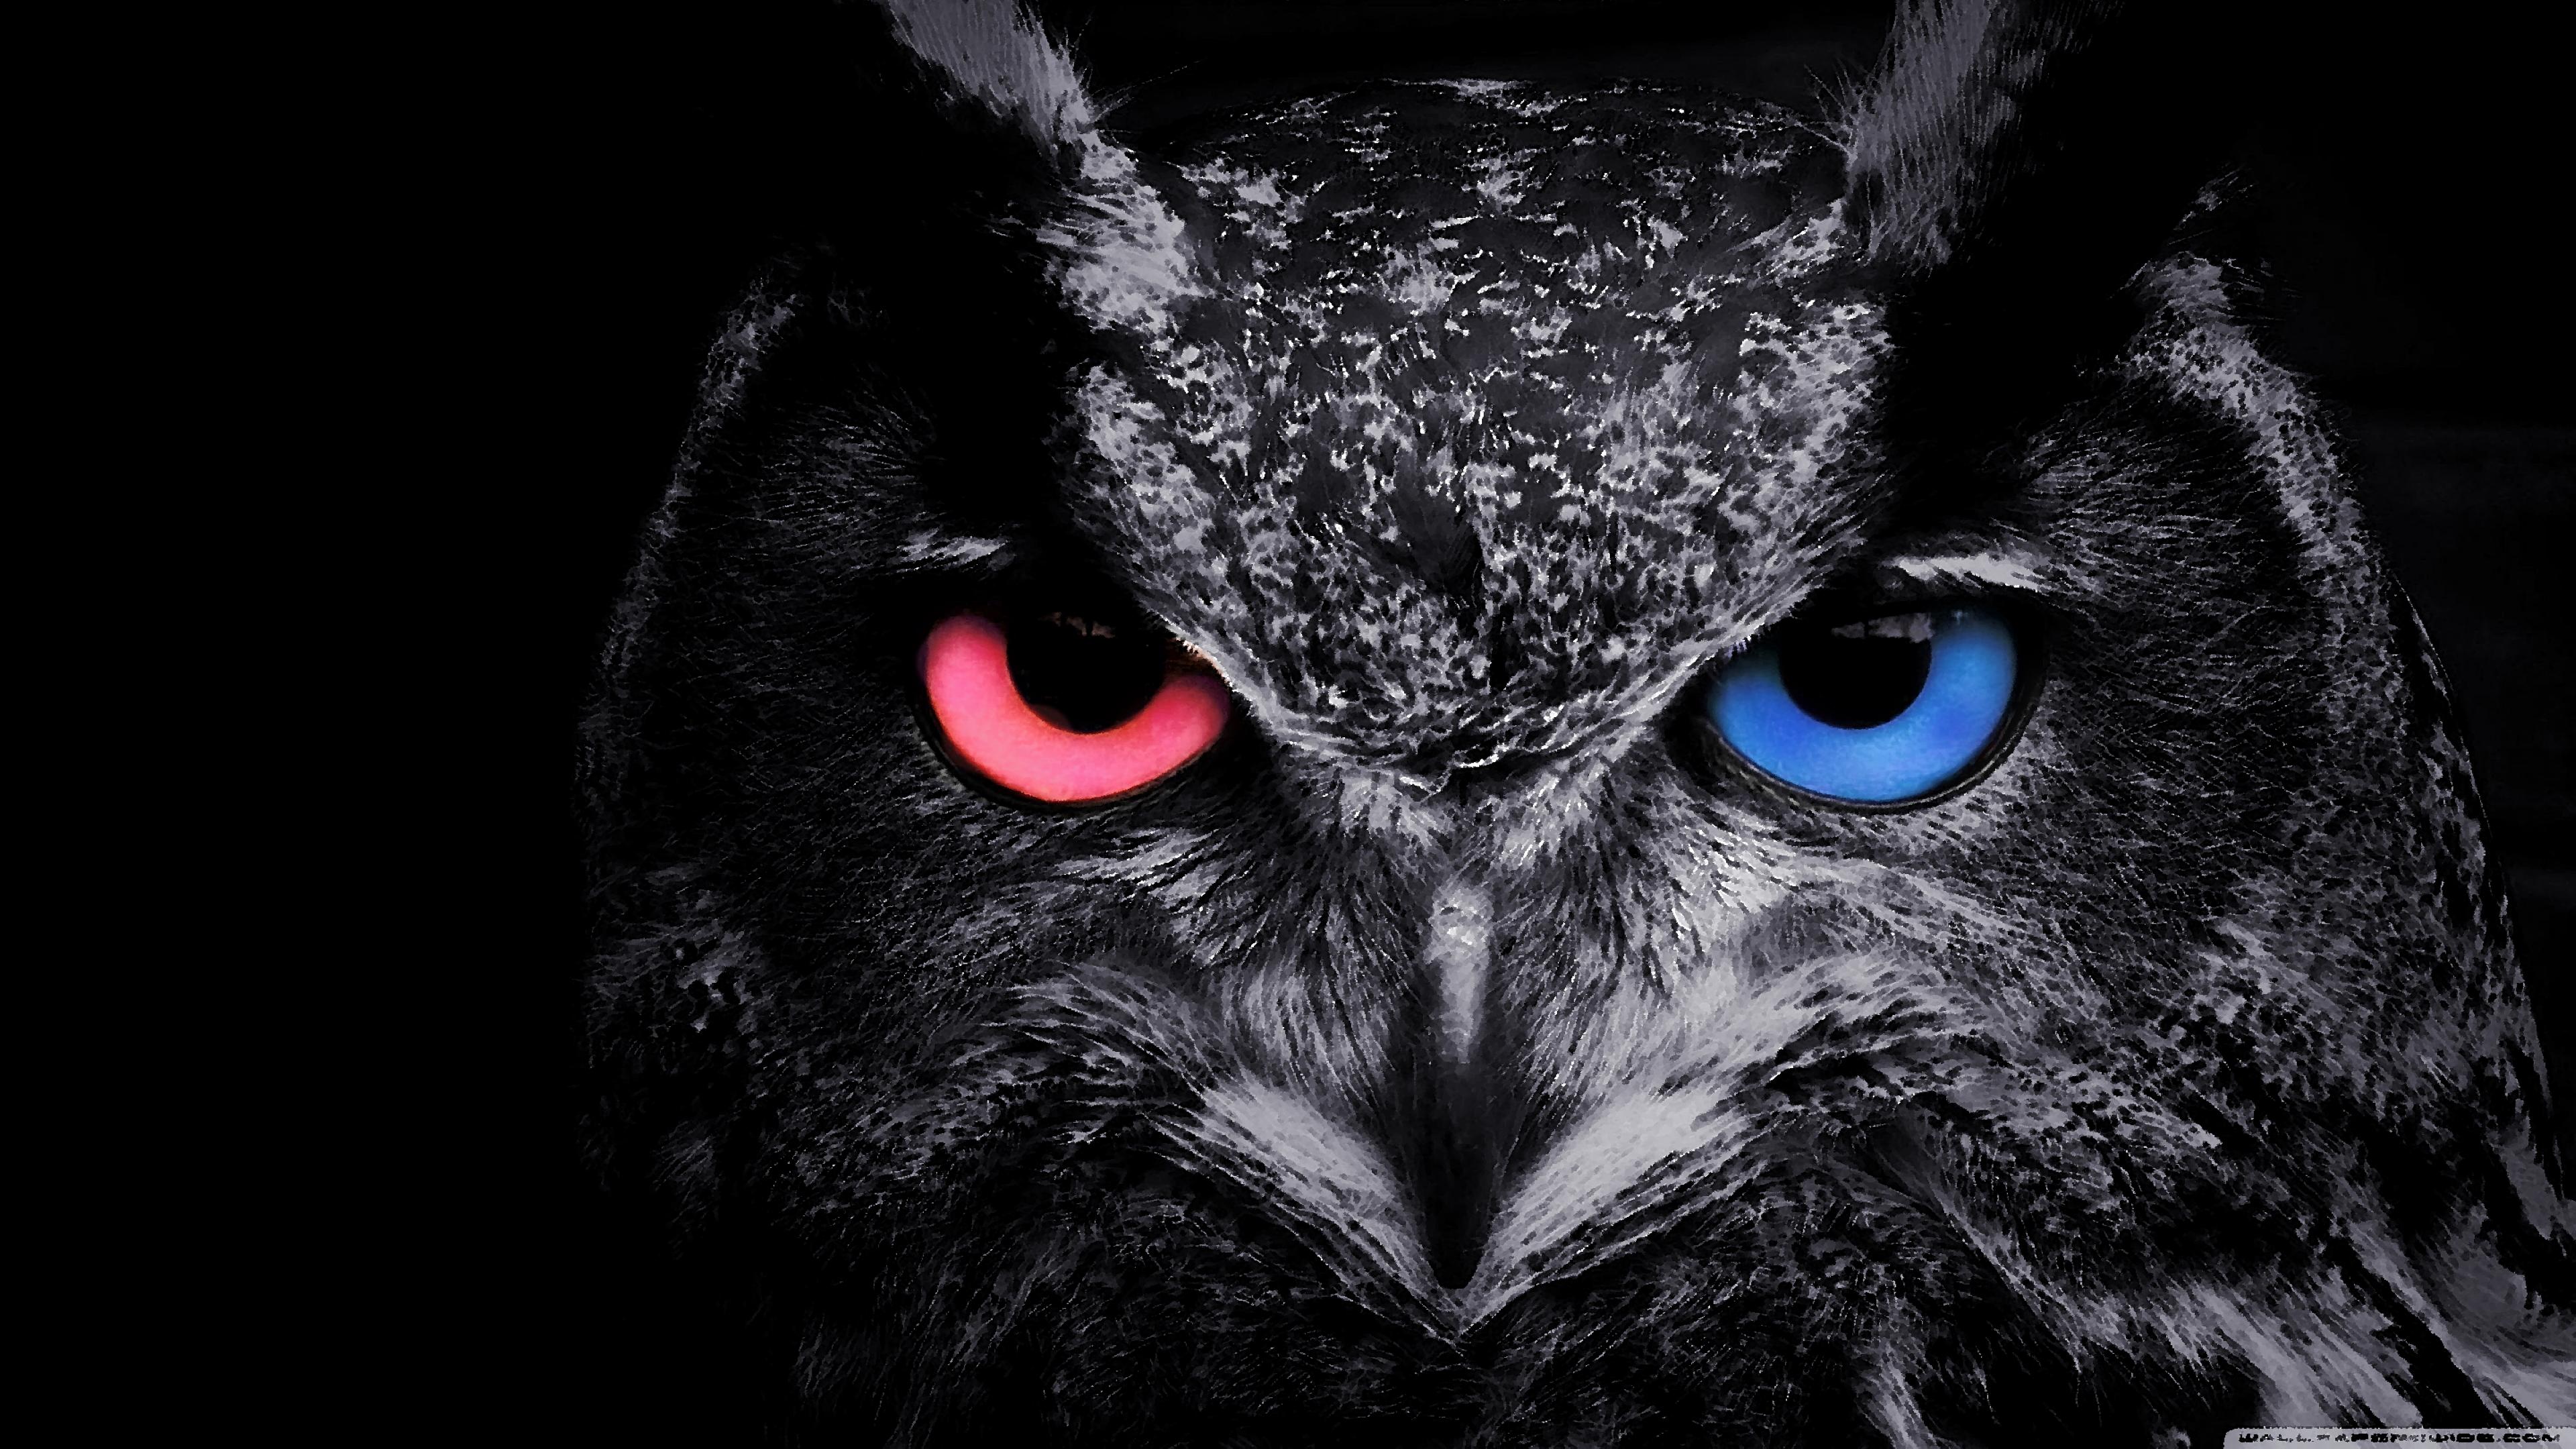 Owl 4k Wallpaper